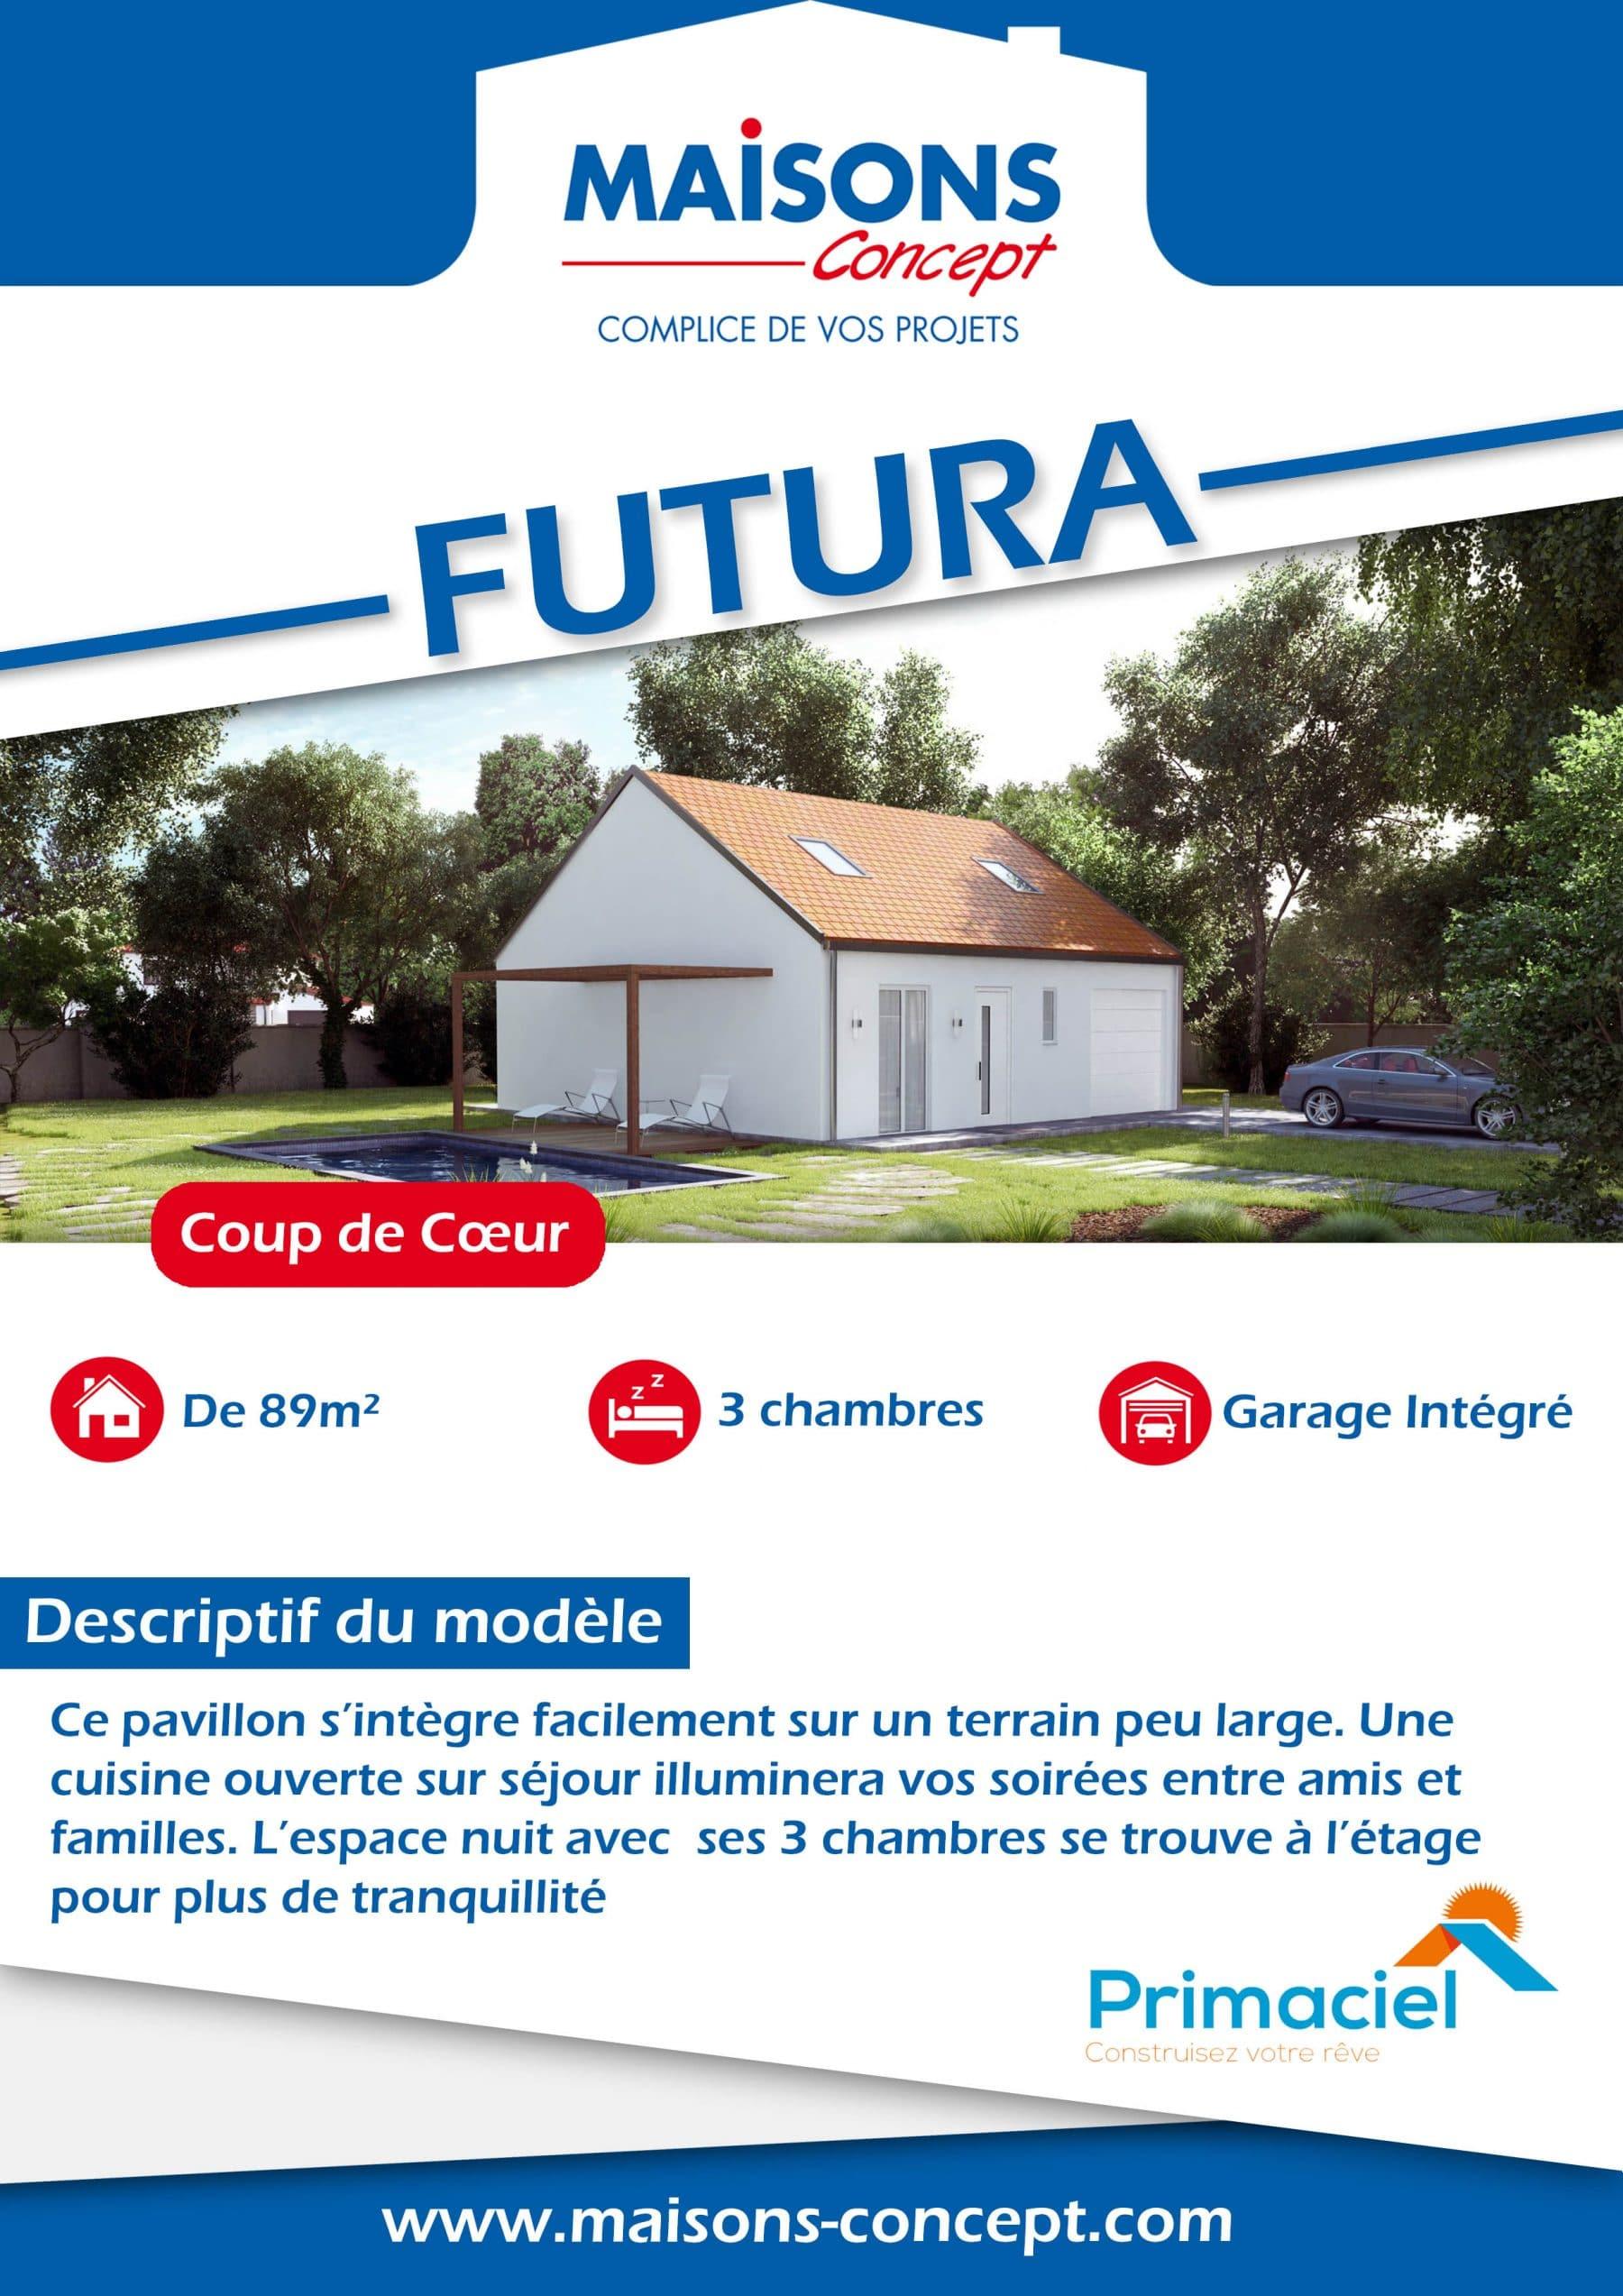 fiche descriptive de la maison futura de la gamme primaciel de maisons concept